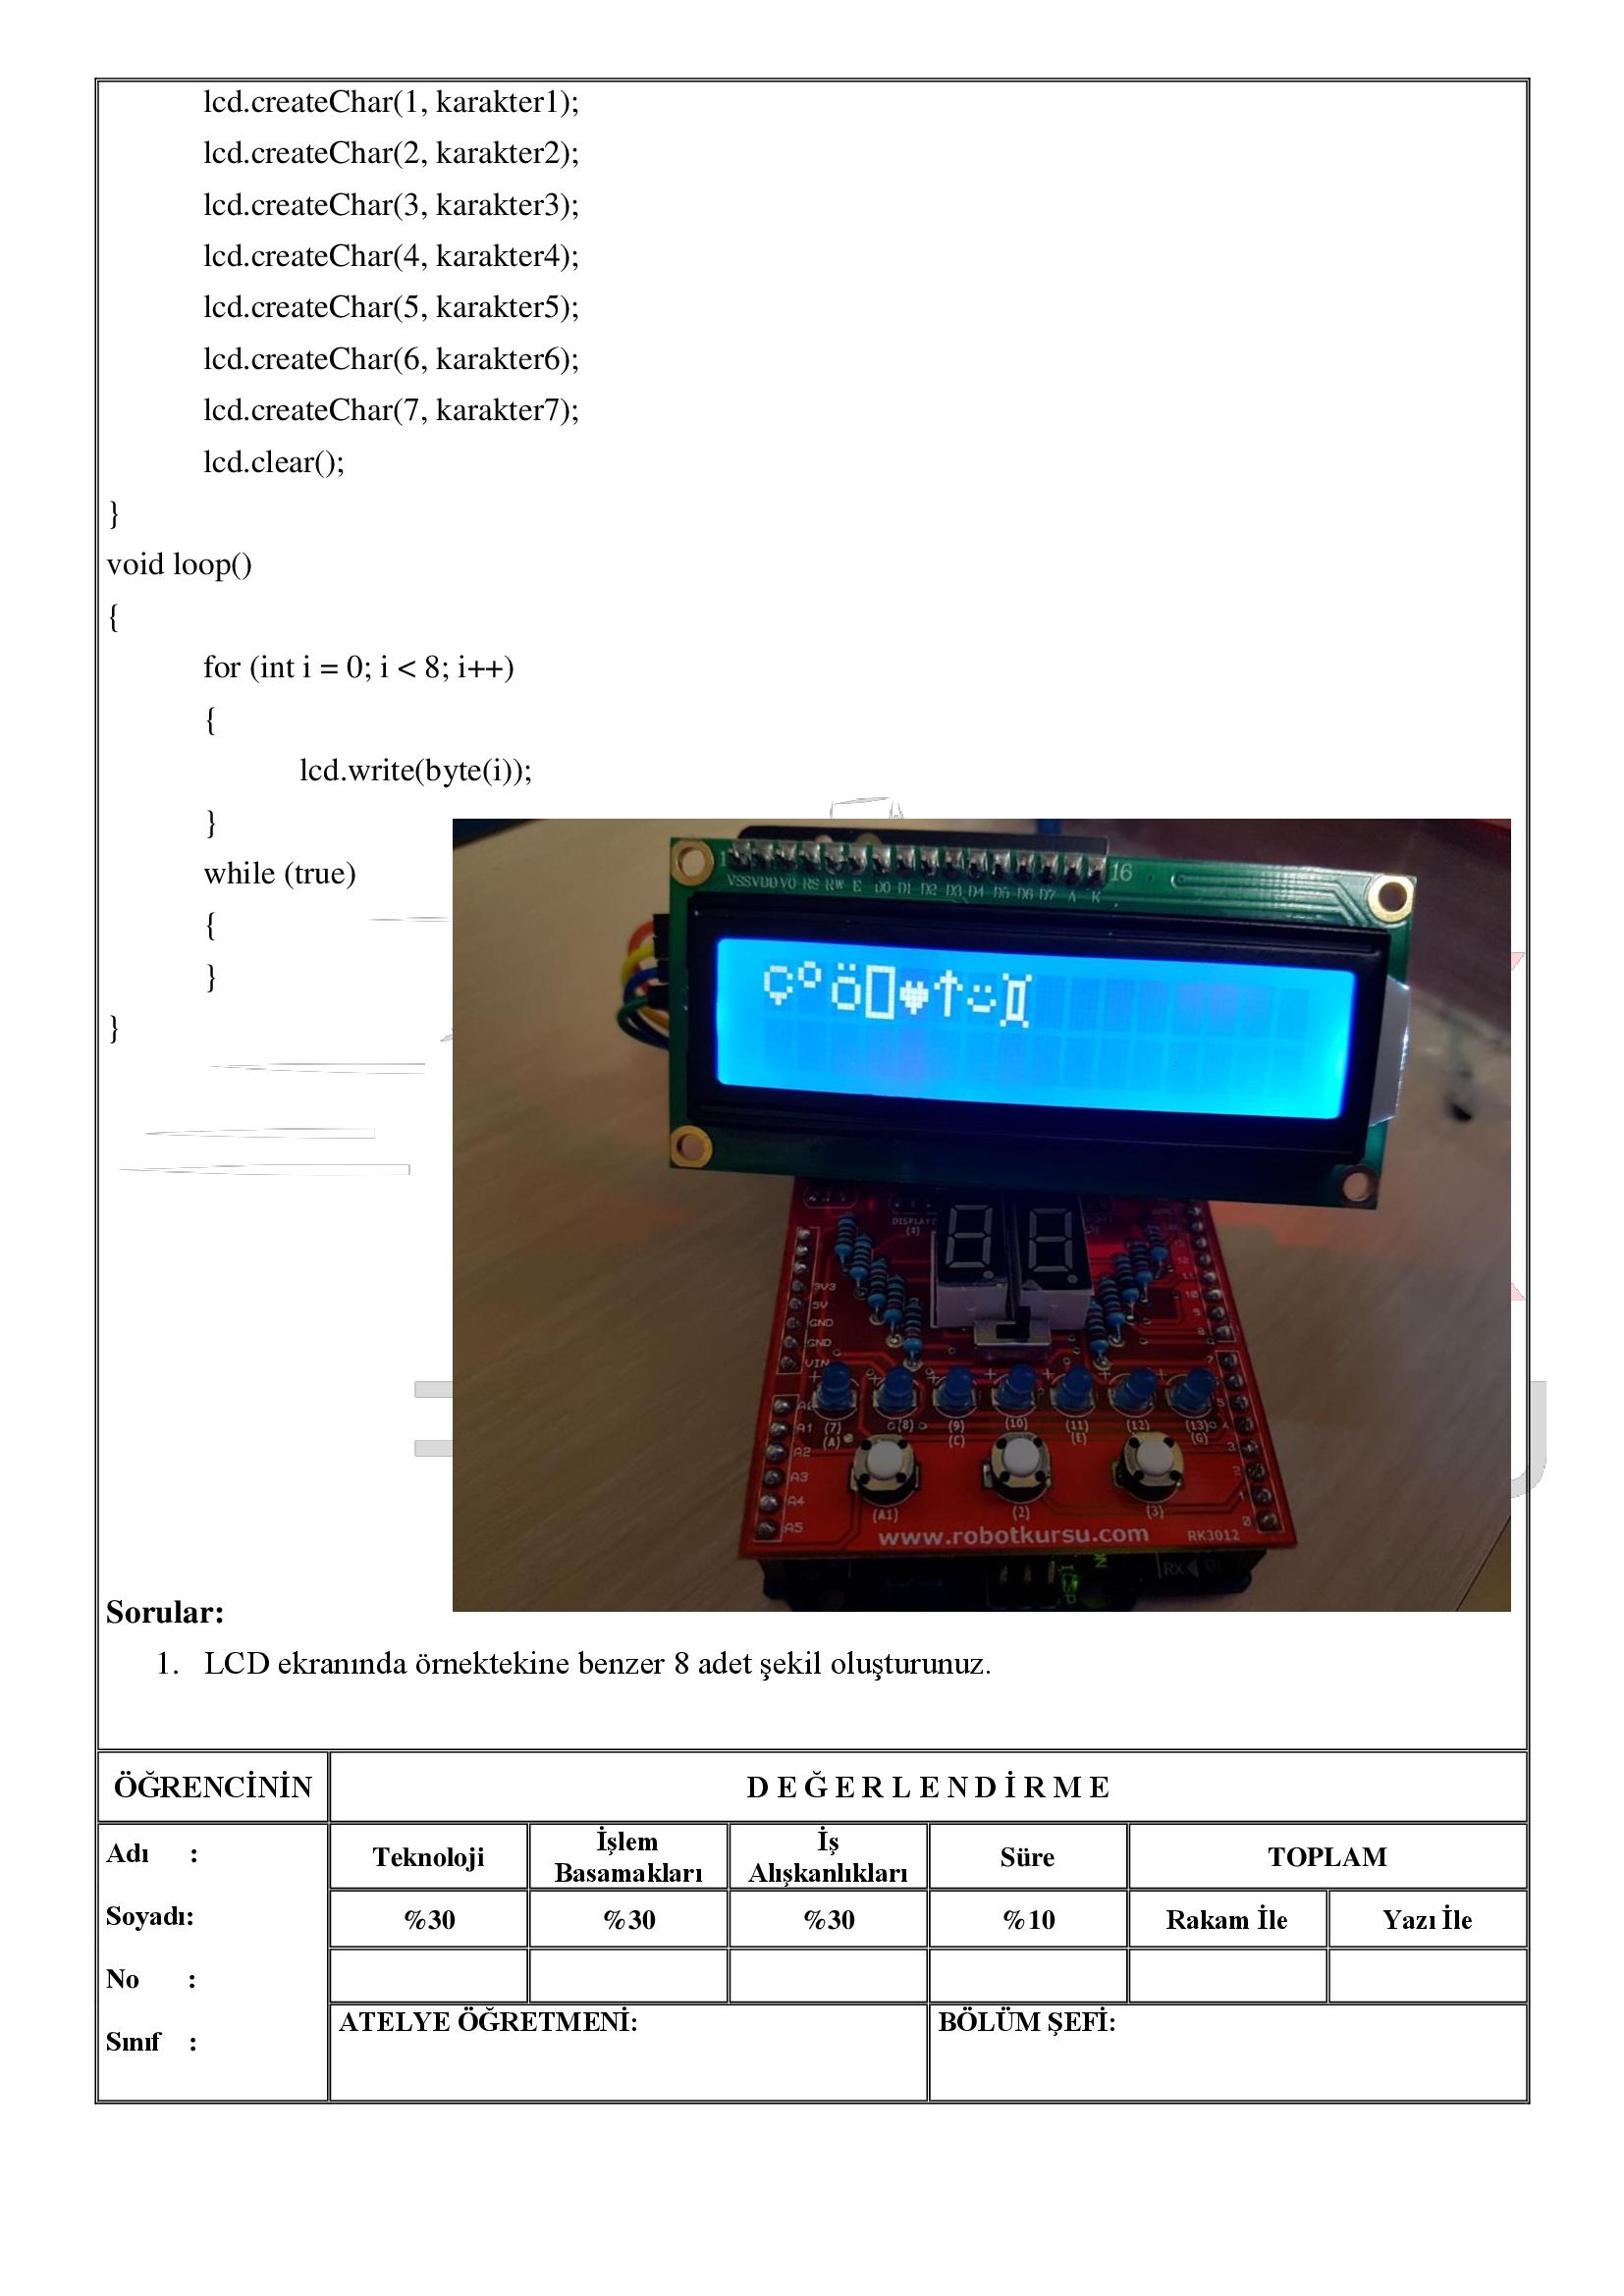 Temrin 116: LCD de özel karakterleri oluşturma